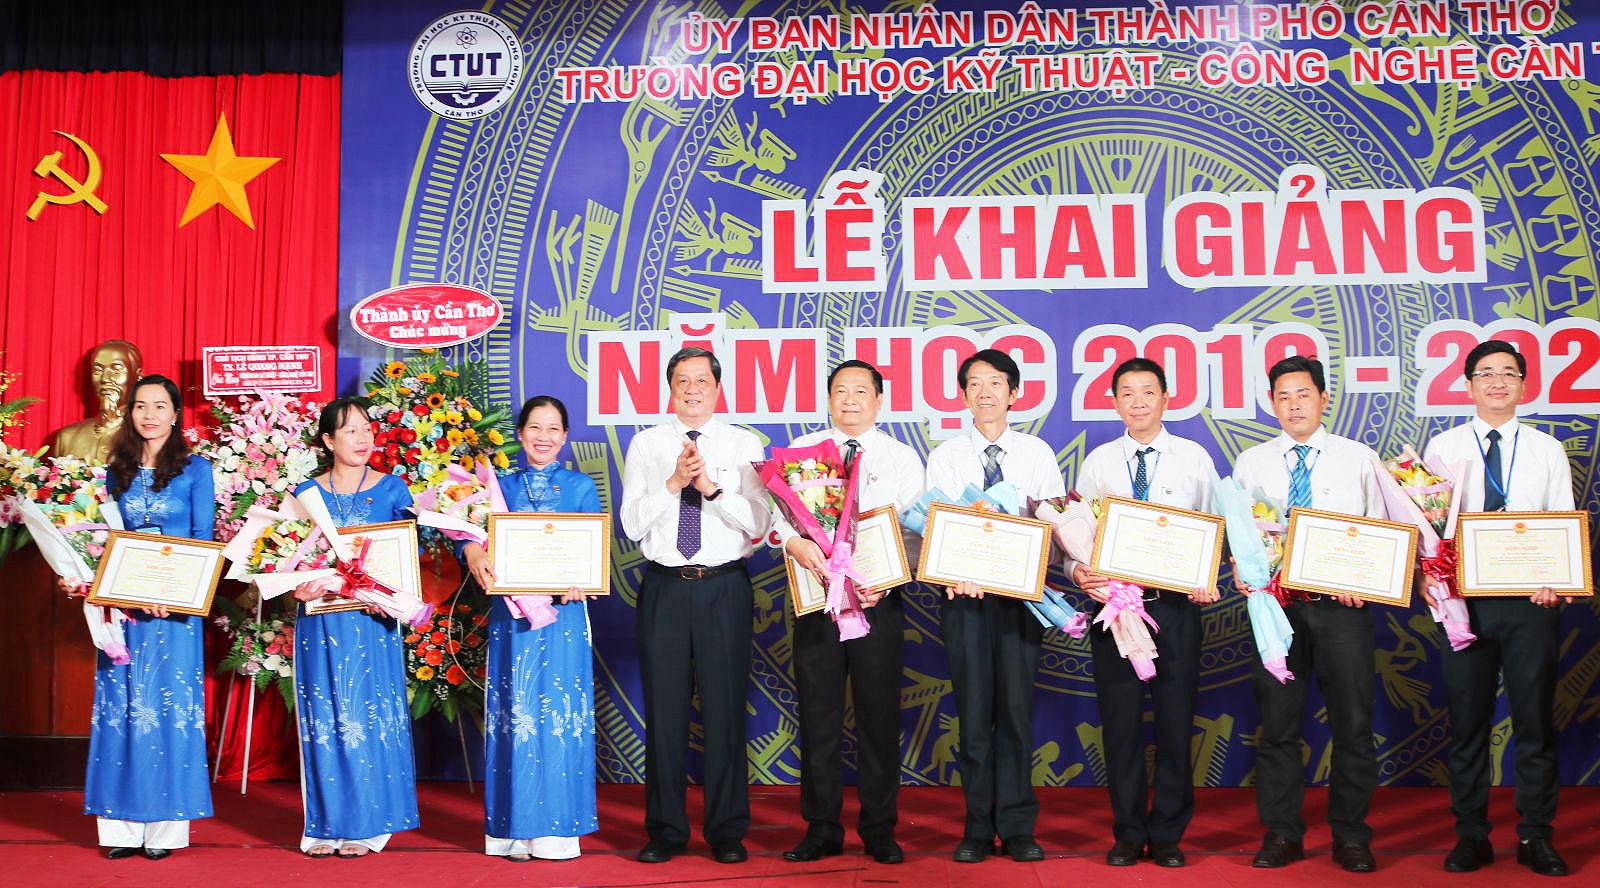 Ông Phạm Văn Hiểu (thứ 4, từ trái qua), Phó Bí thư Thường trực Thành ủy Cần Thơ, tặng Bằng khen của Chủ tịch UBND TP Cần Thơ cho tập thể, các cá nhân thuộc trường. ảnh: B.NG